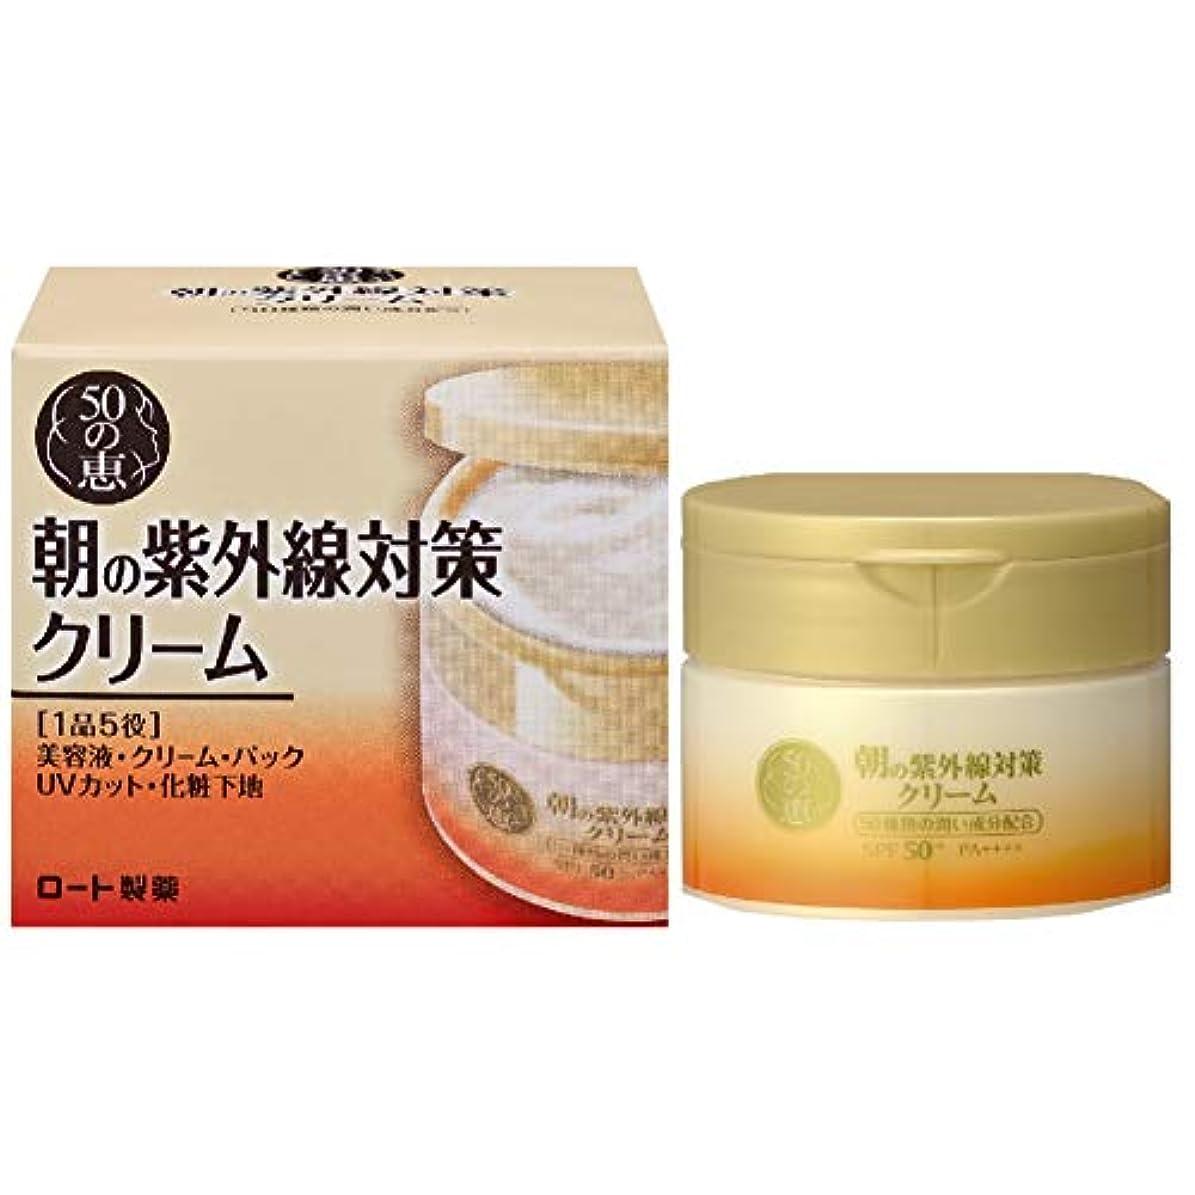 相対サイズミネラルチャップロート製薬 50の恵エイジングケア 朝の紫外線対策クリーム 養潤成分50種類配合オールインワン SPF50+ PA++++ 90g